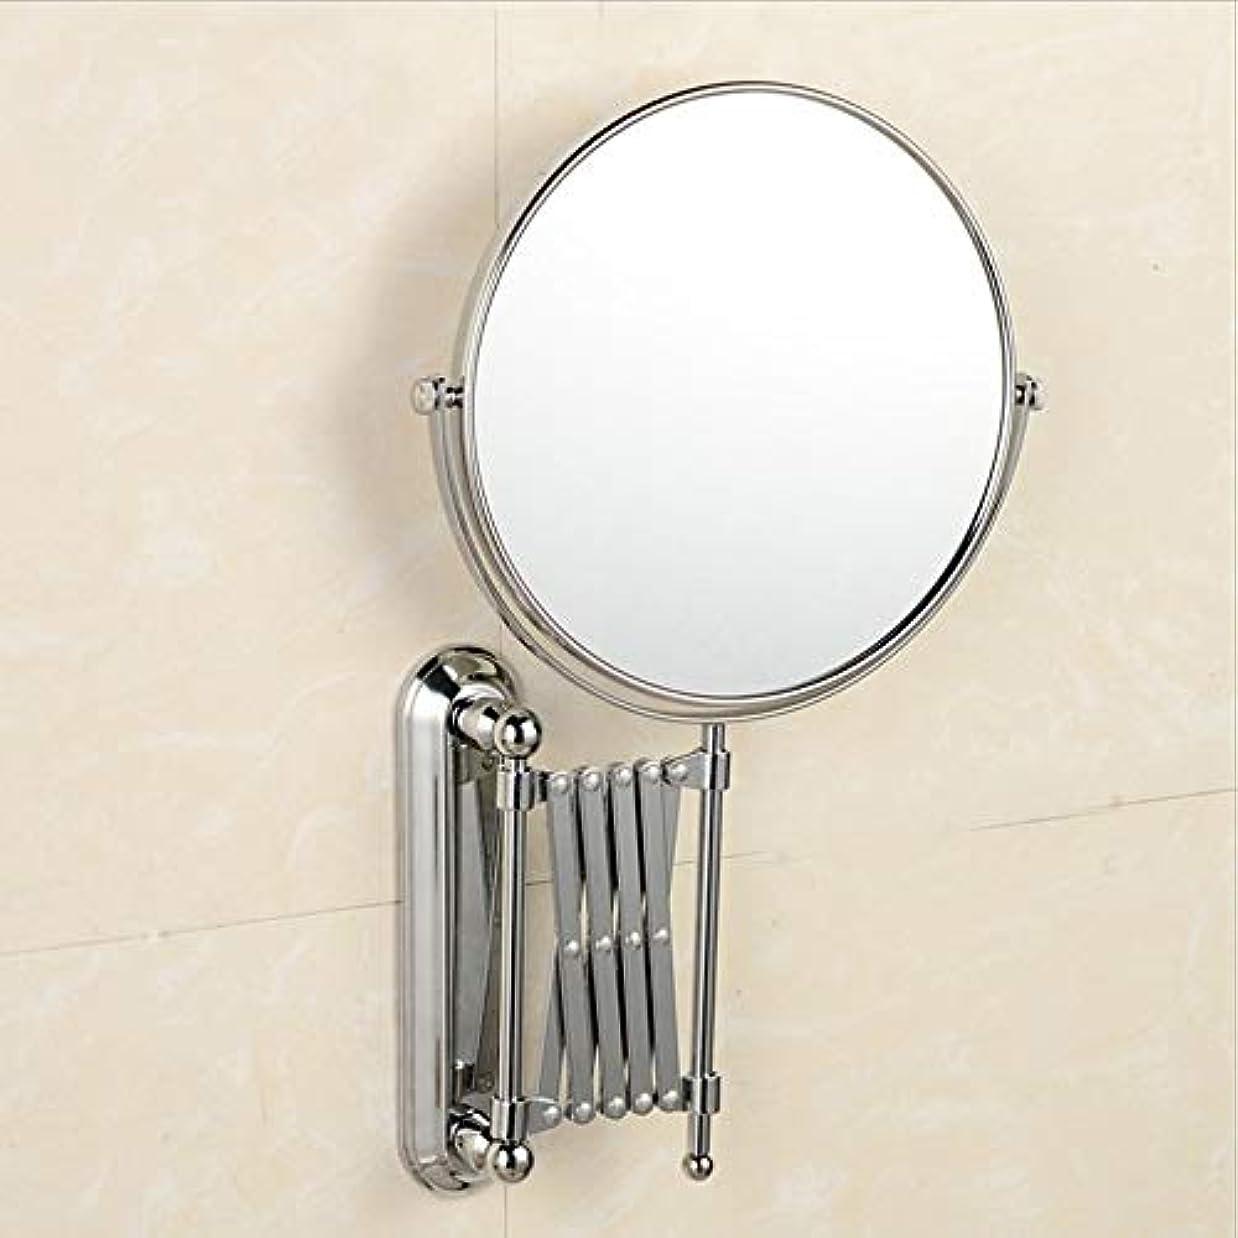 流行の 両面美容化粧鏡折りたたみ美容鏡浴室美容化粧鏡ステンレス鋼6インチシルバー